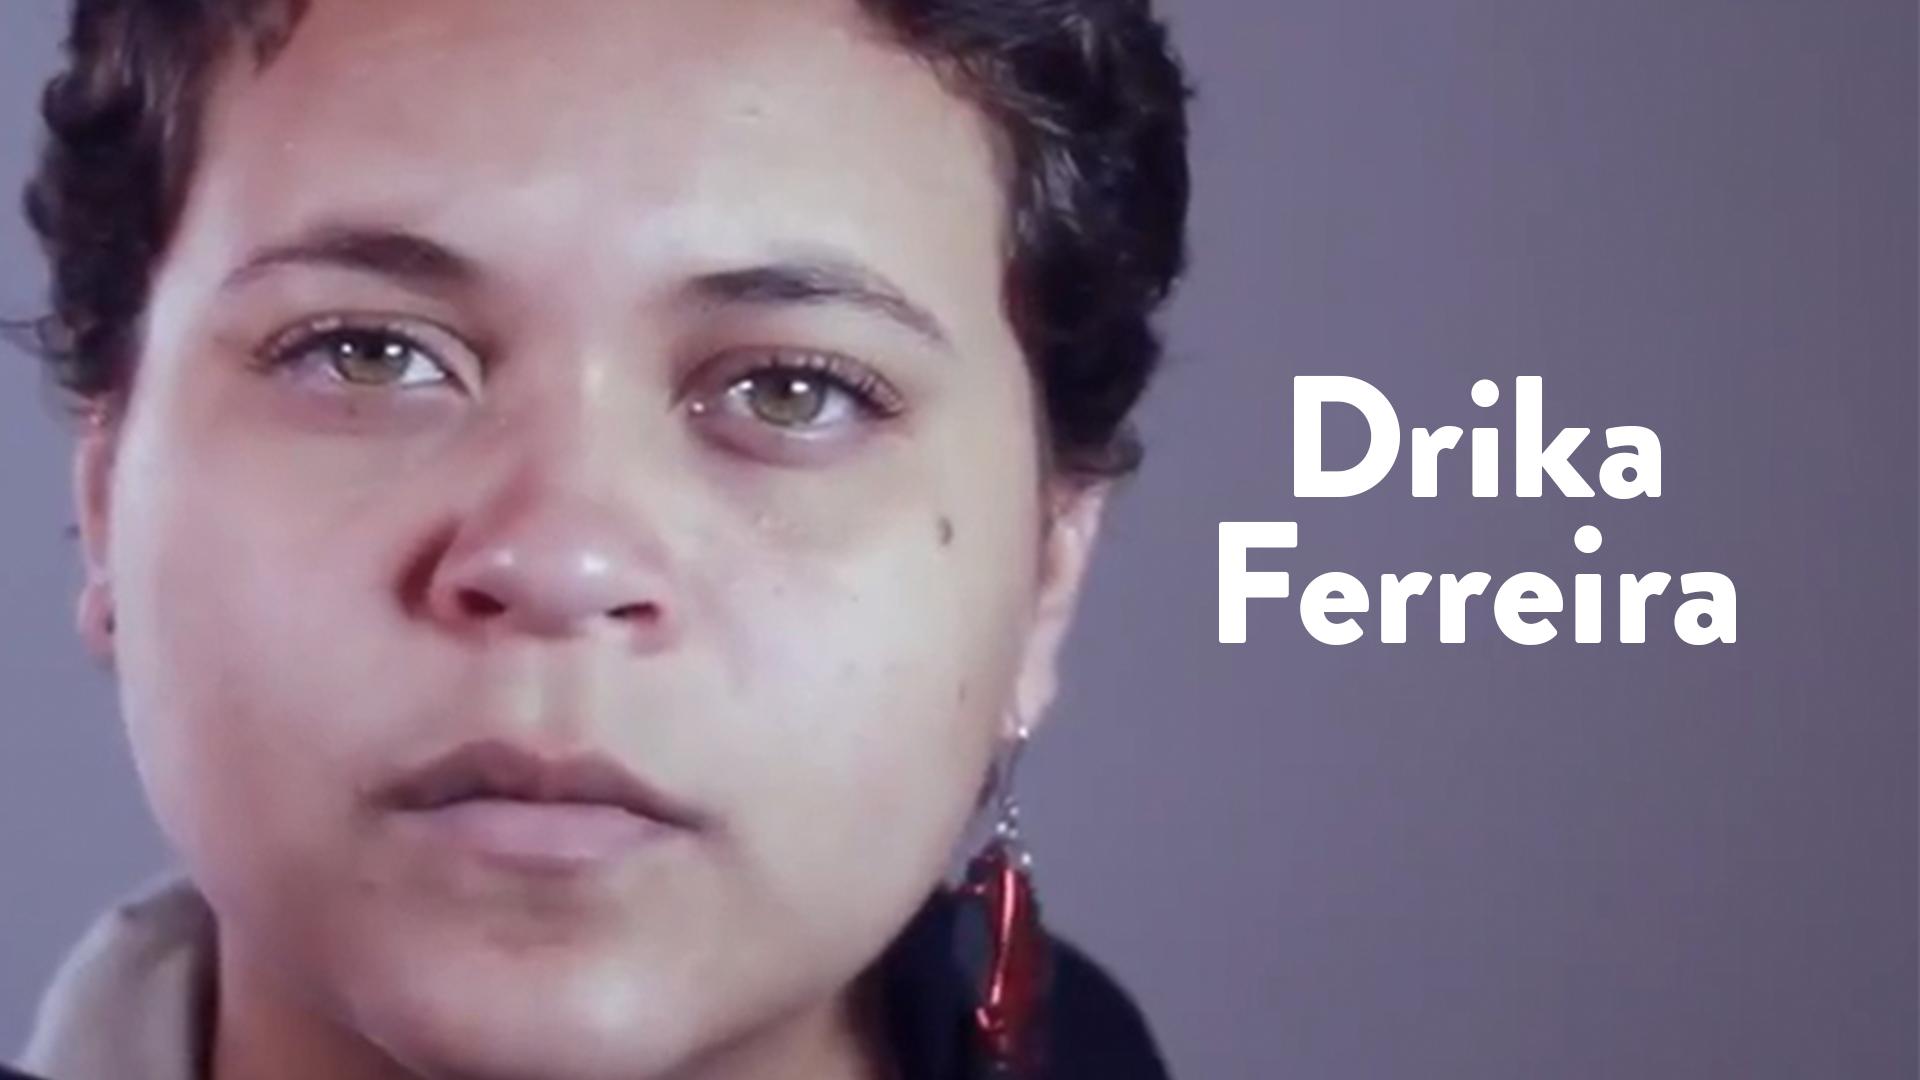 Drika Ferreira